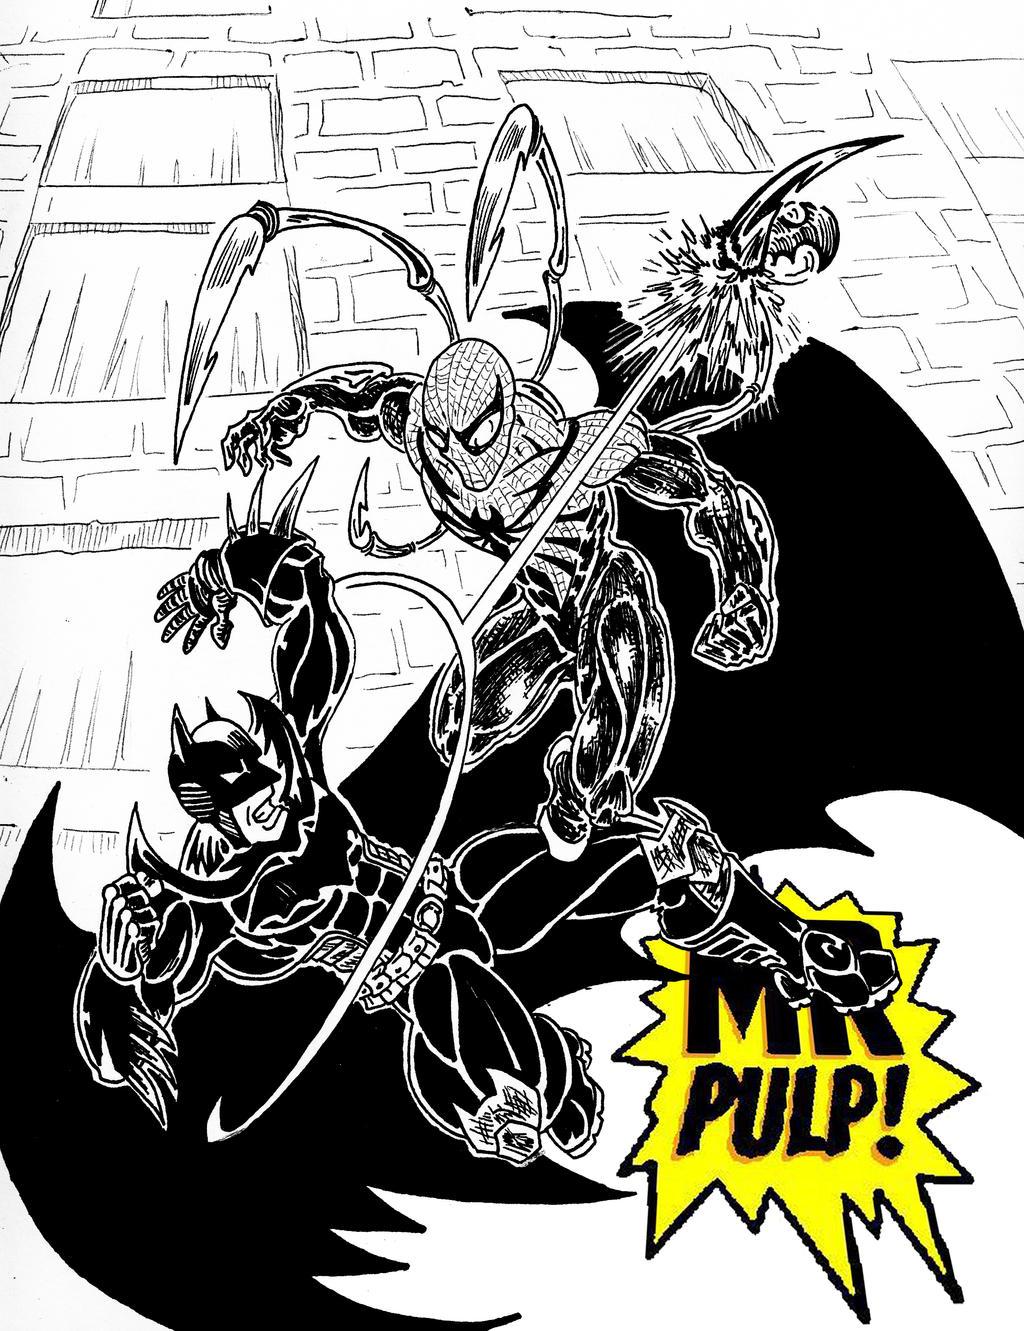 Marvel vs DC by mrpulp-presenta